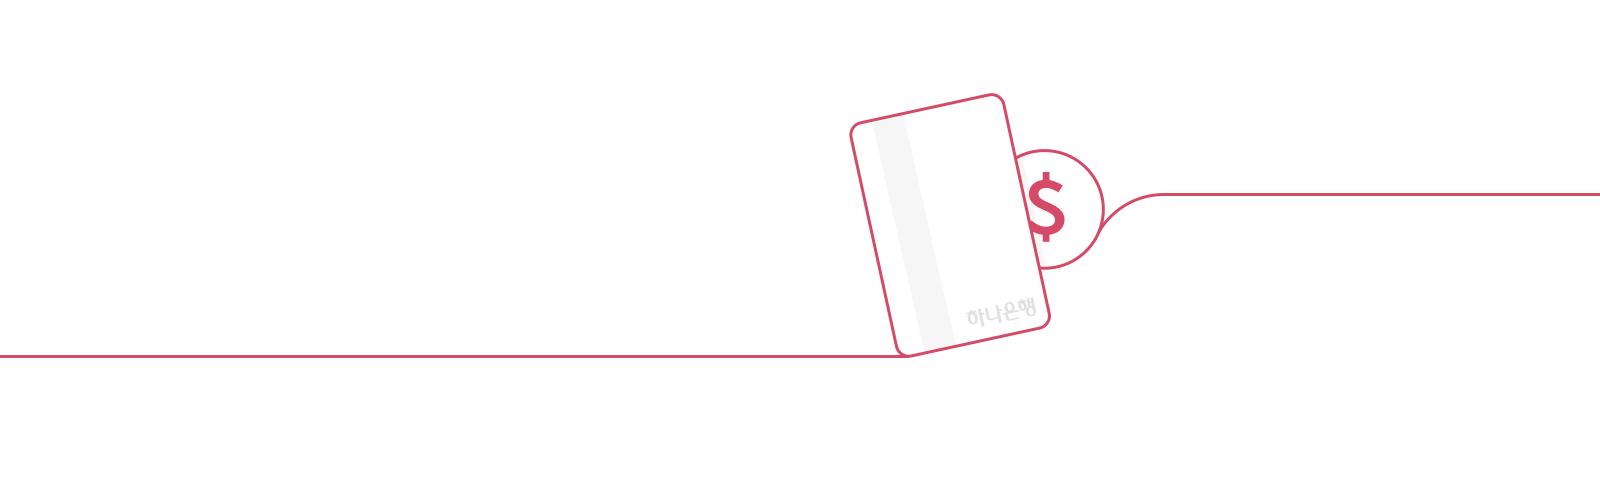 해외이용수수료 없는 하나은행 밀리언달러 카드